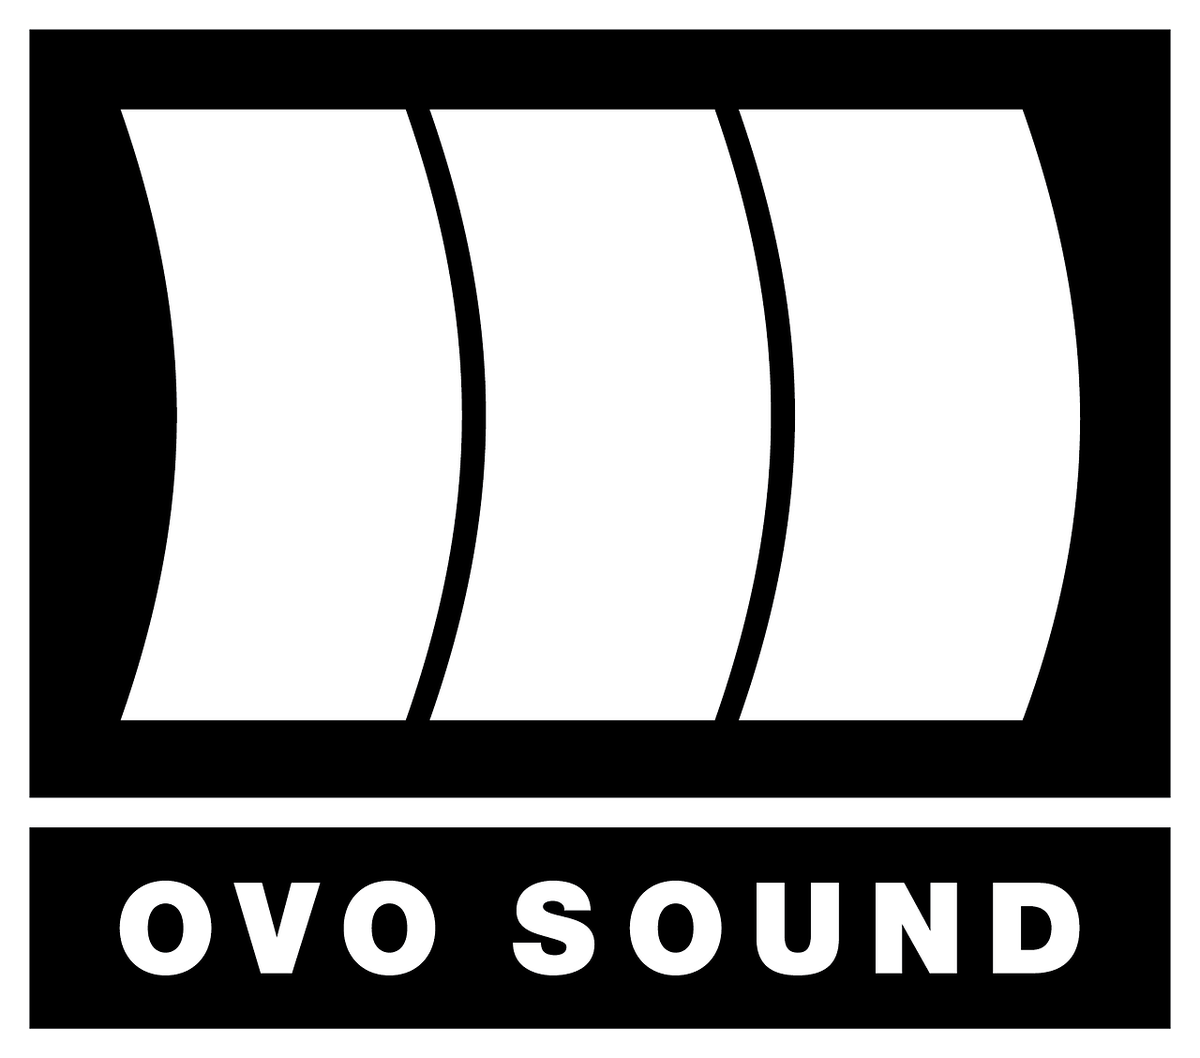 Ovo Sound Wikipedia